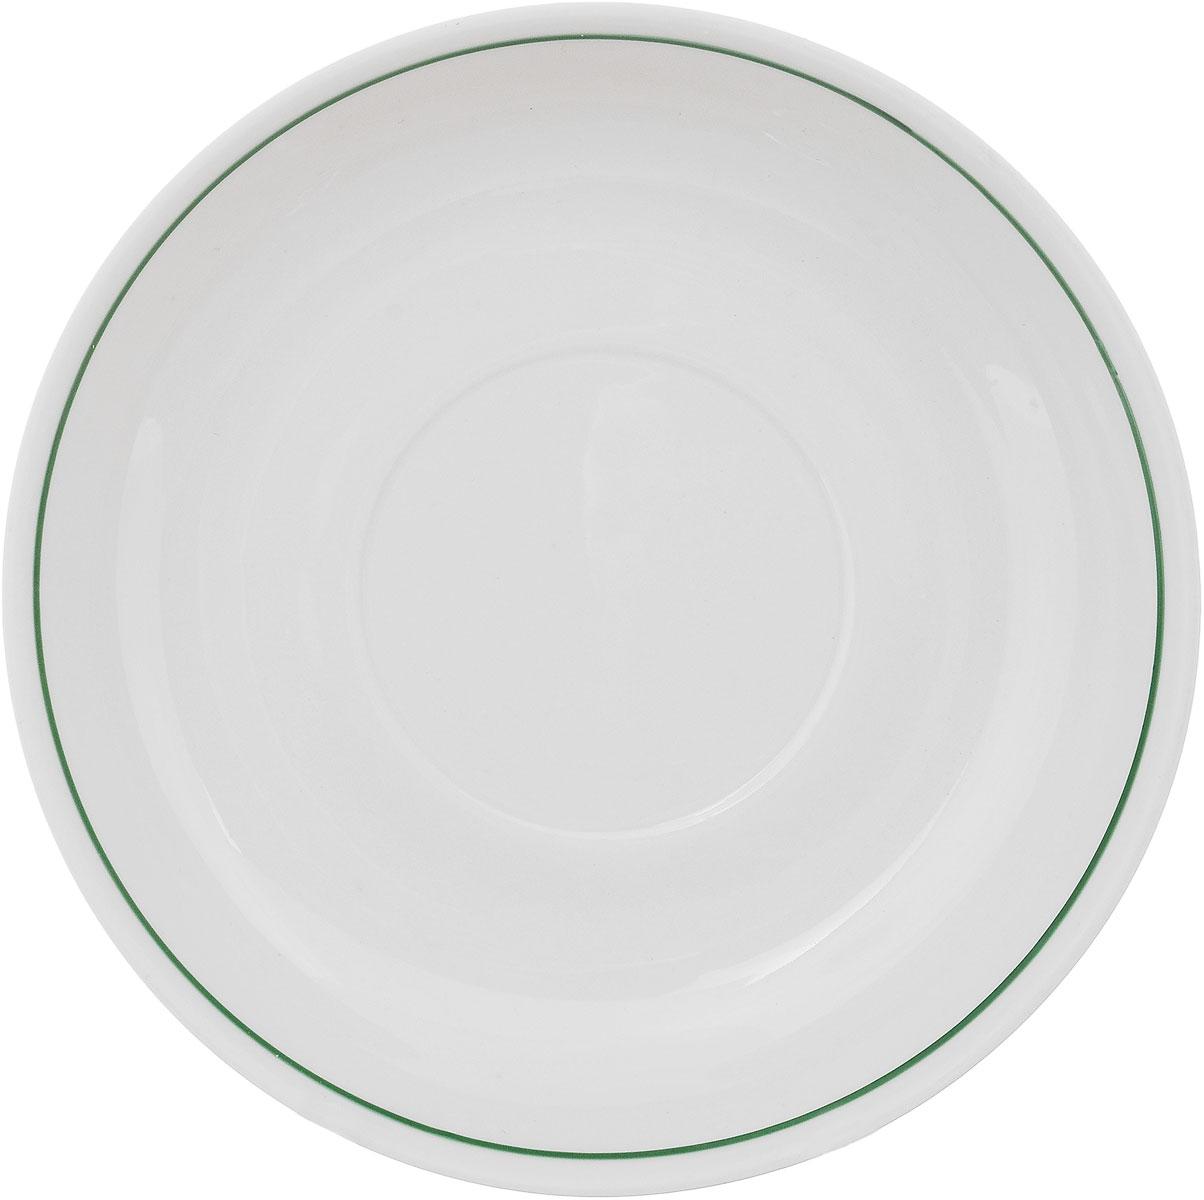 Блюдце Фарфор Вербилок, диаметр 14 см. 5580011303843Блюдце Фарфор Вербилок выполнено из высококачественного фарфора. Изделие идеально подойдет для сервировки стола и станет отличным подарком к любому празднику.Диаметр блюдца (по верхнему краю): 14 см.Высота блюдца: 2,5 см.